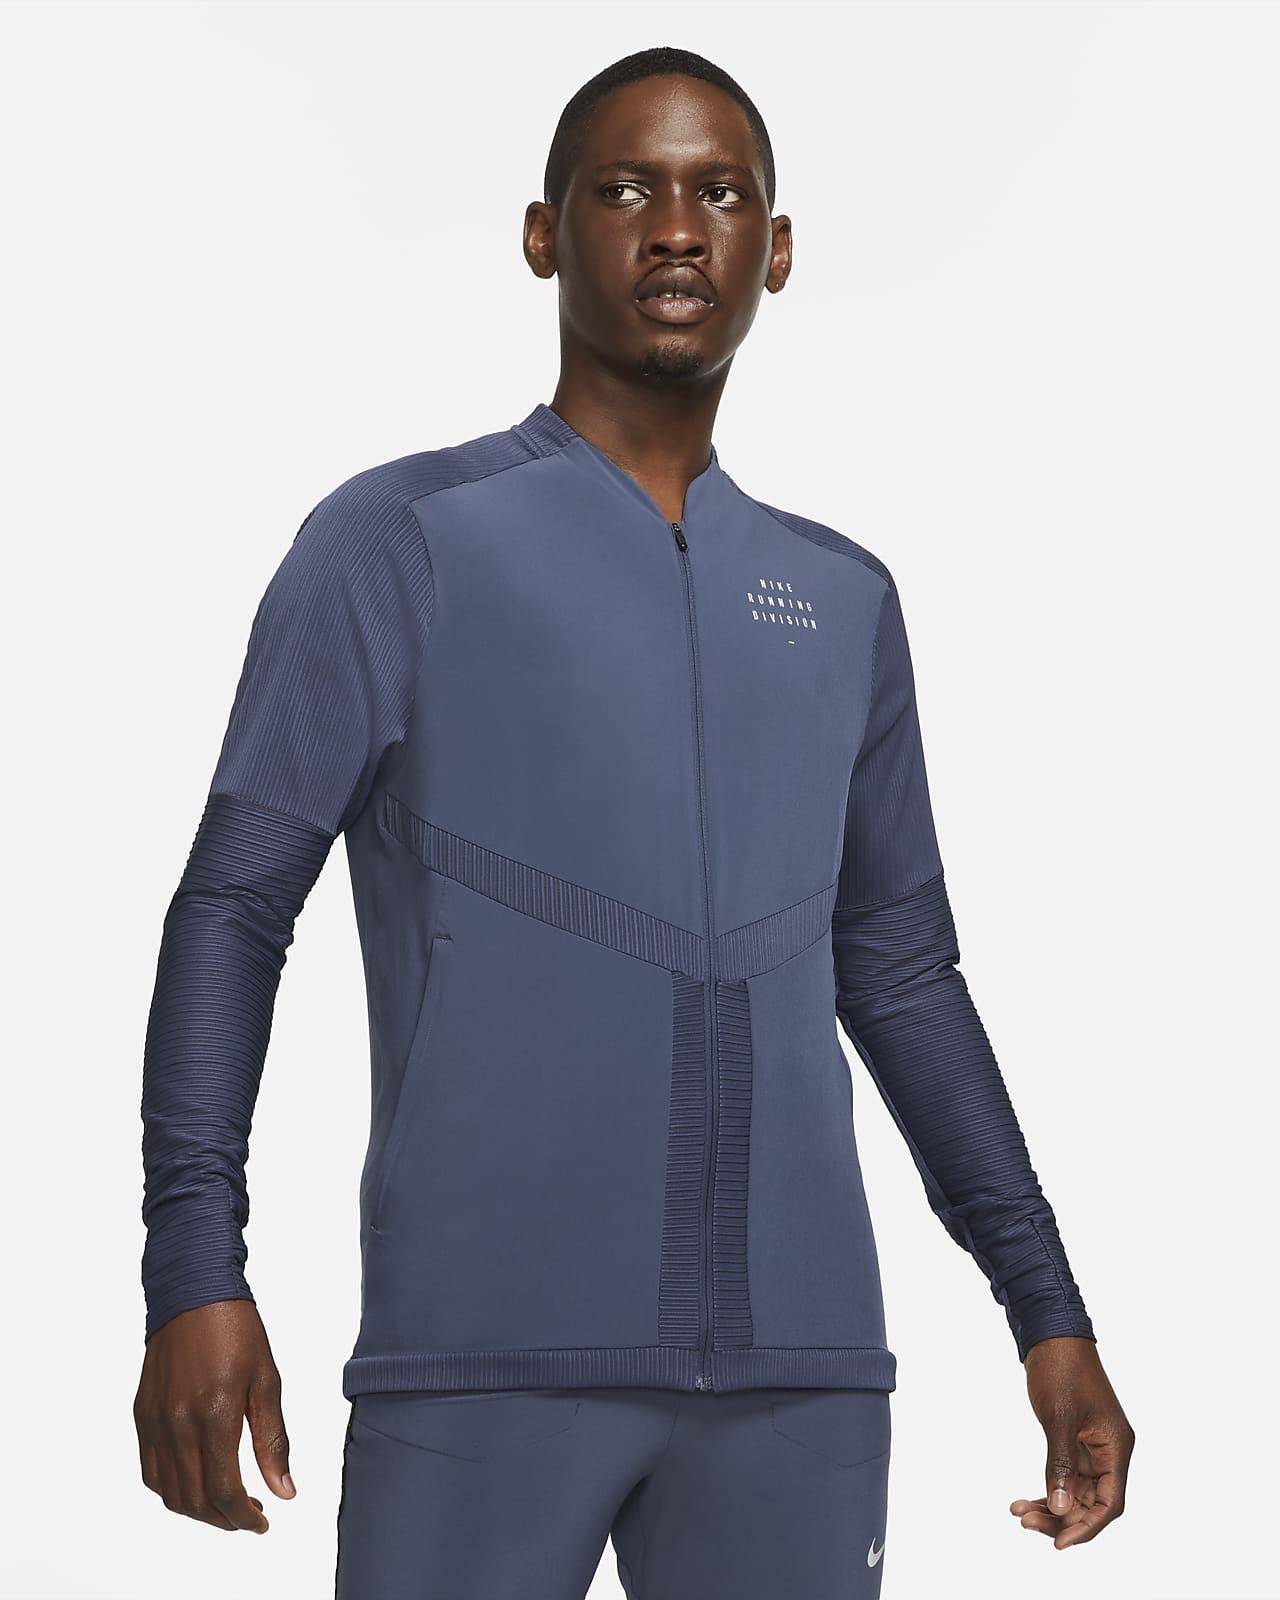 Nike Dri-FIT Run Division Men's Full-Zip Running Top